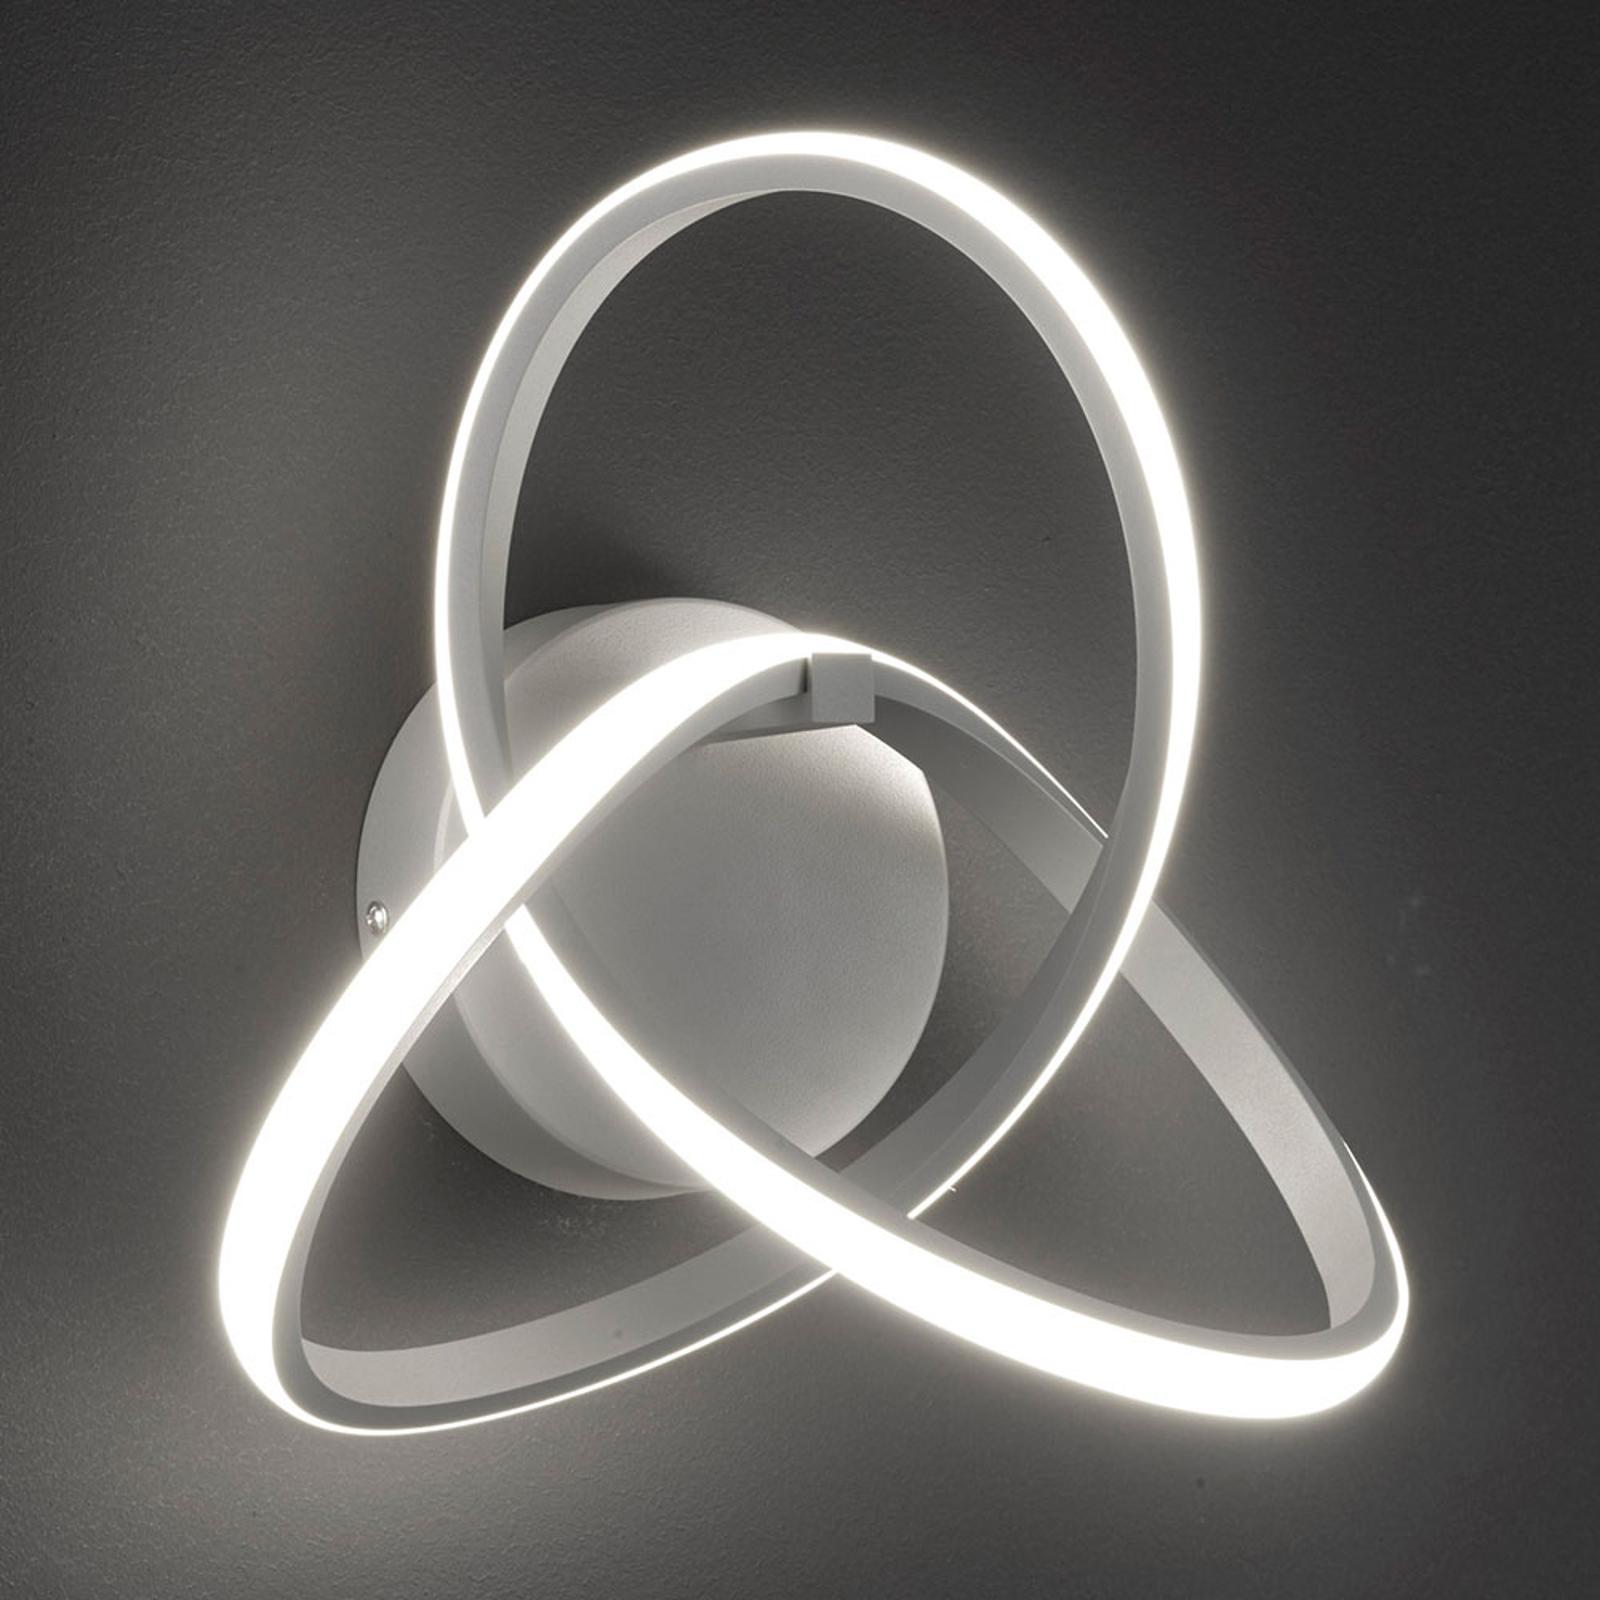 Kinkiet LED Indigo, antracytowy